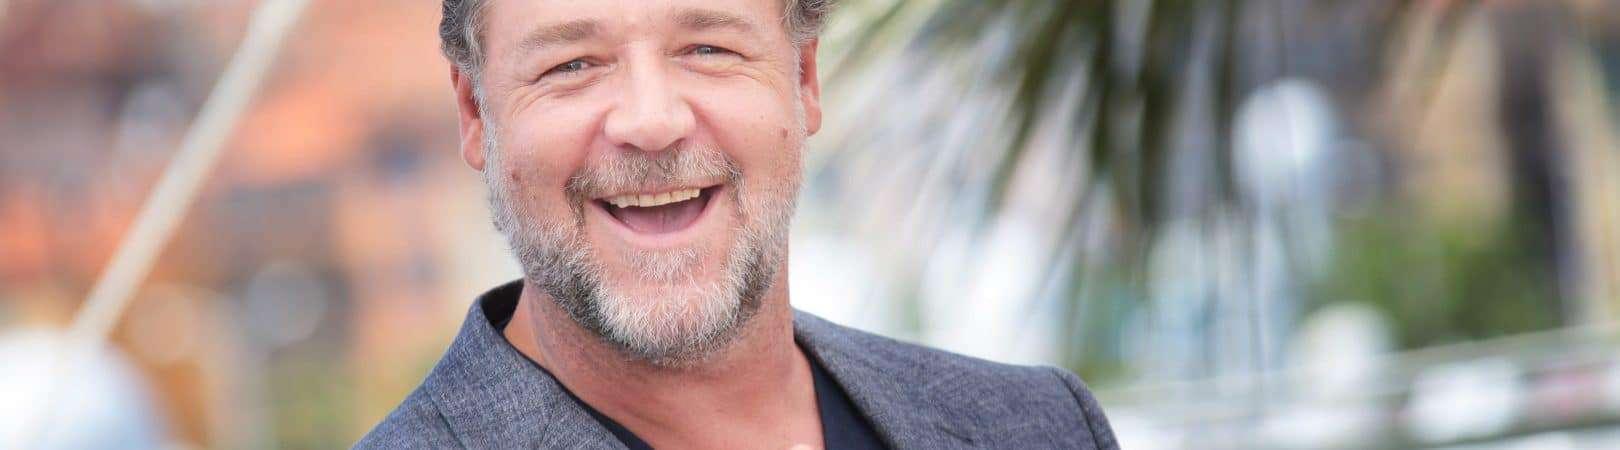 Russell Crowe durante a sessão de fotos de 'Dois Caras Legais' no 69º Festival de Cinema de Cannes. Imagem: Denis Makarenko/Shutterstock